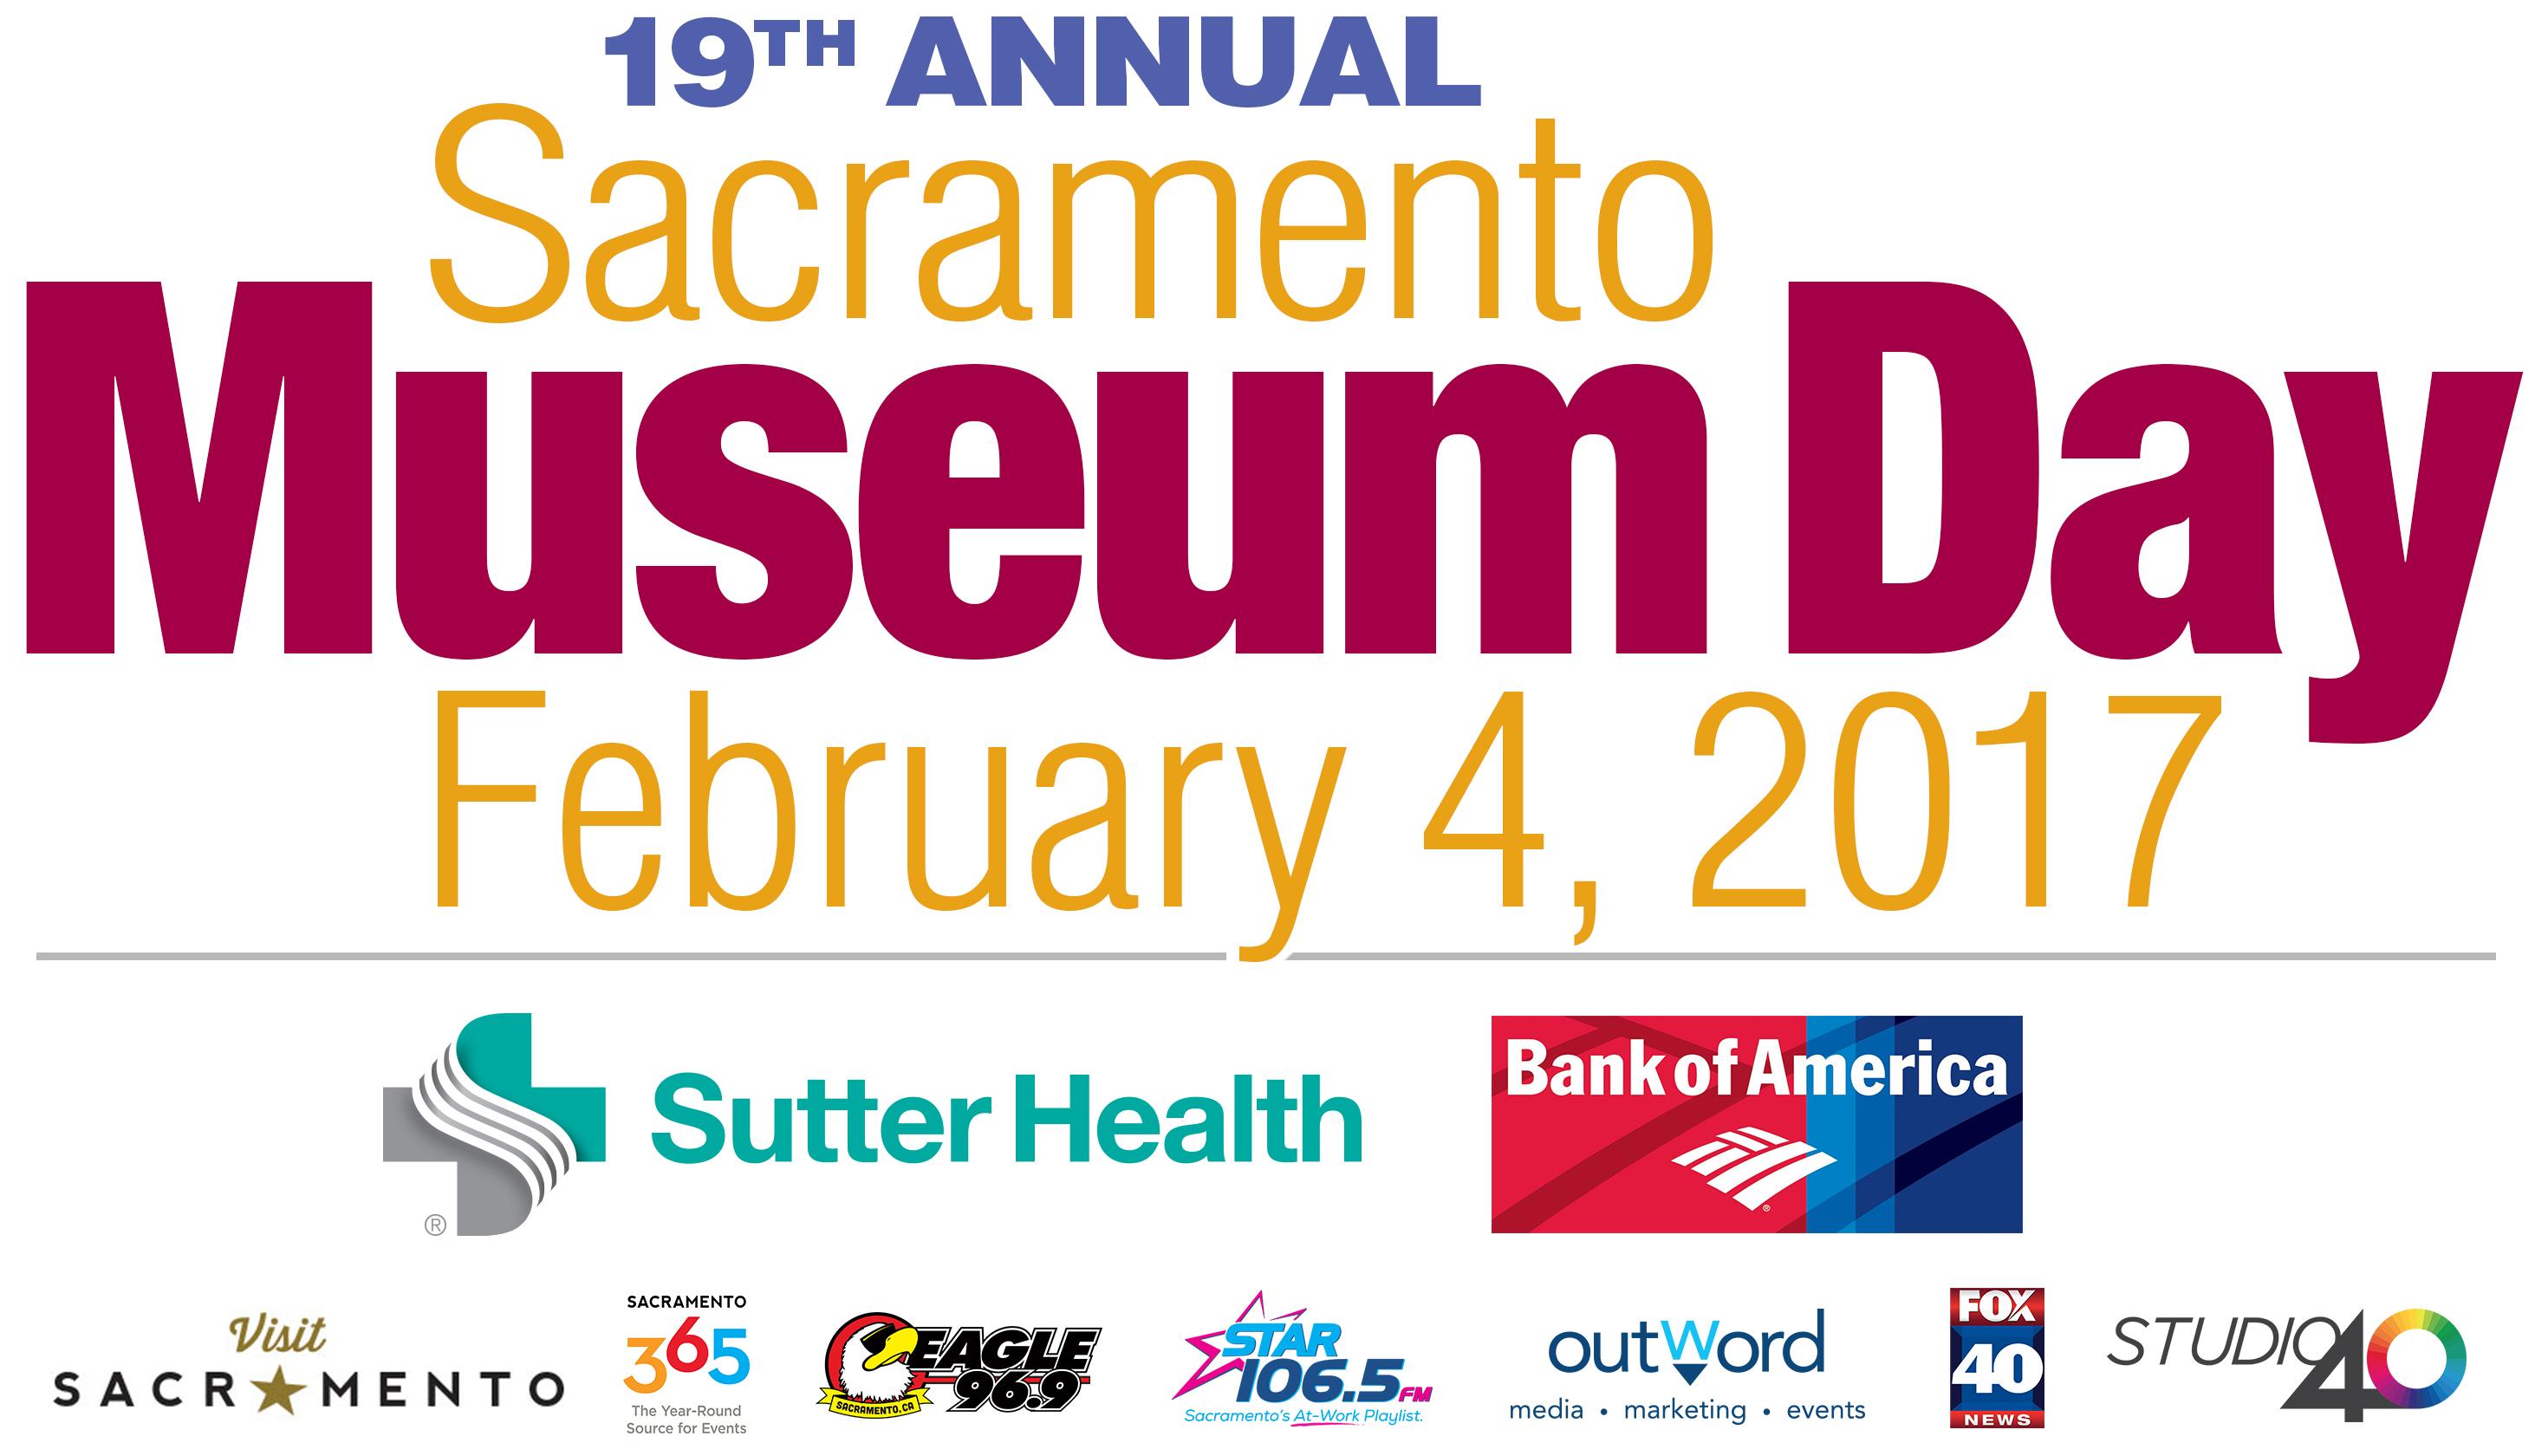 Sacramento museum day museums sacramento365 for Craft fairs sacramento 2017